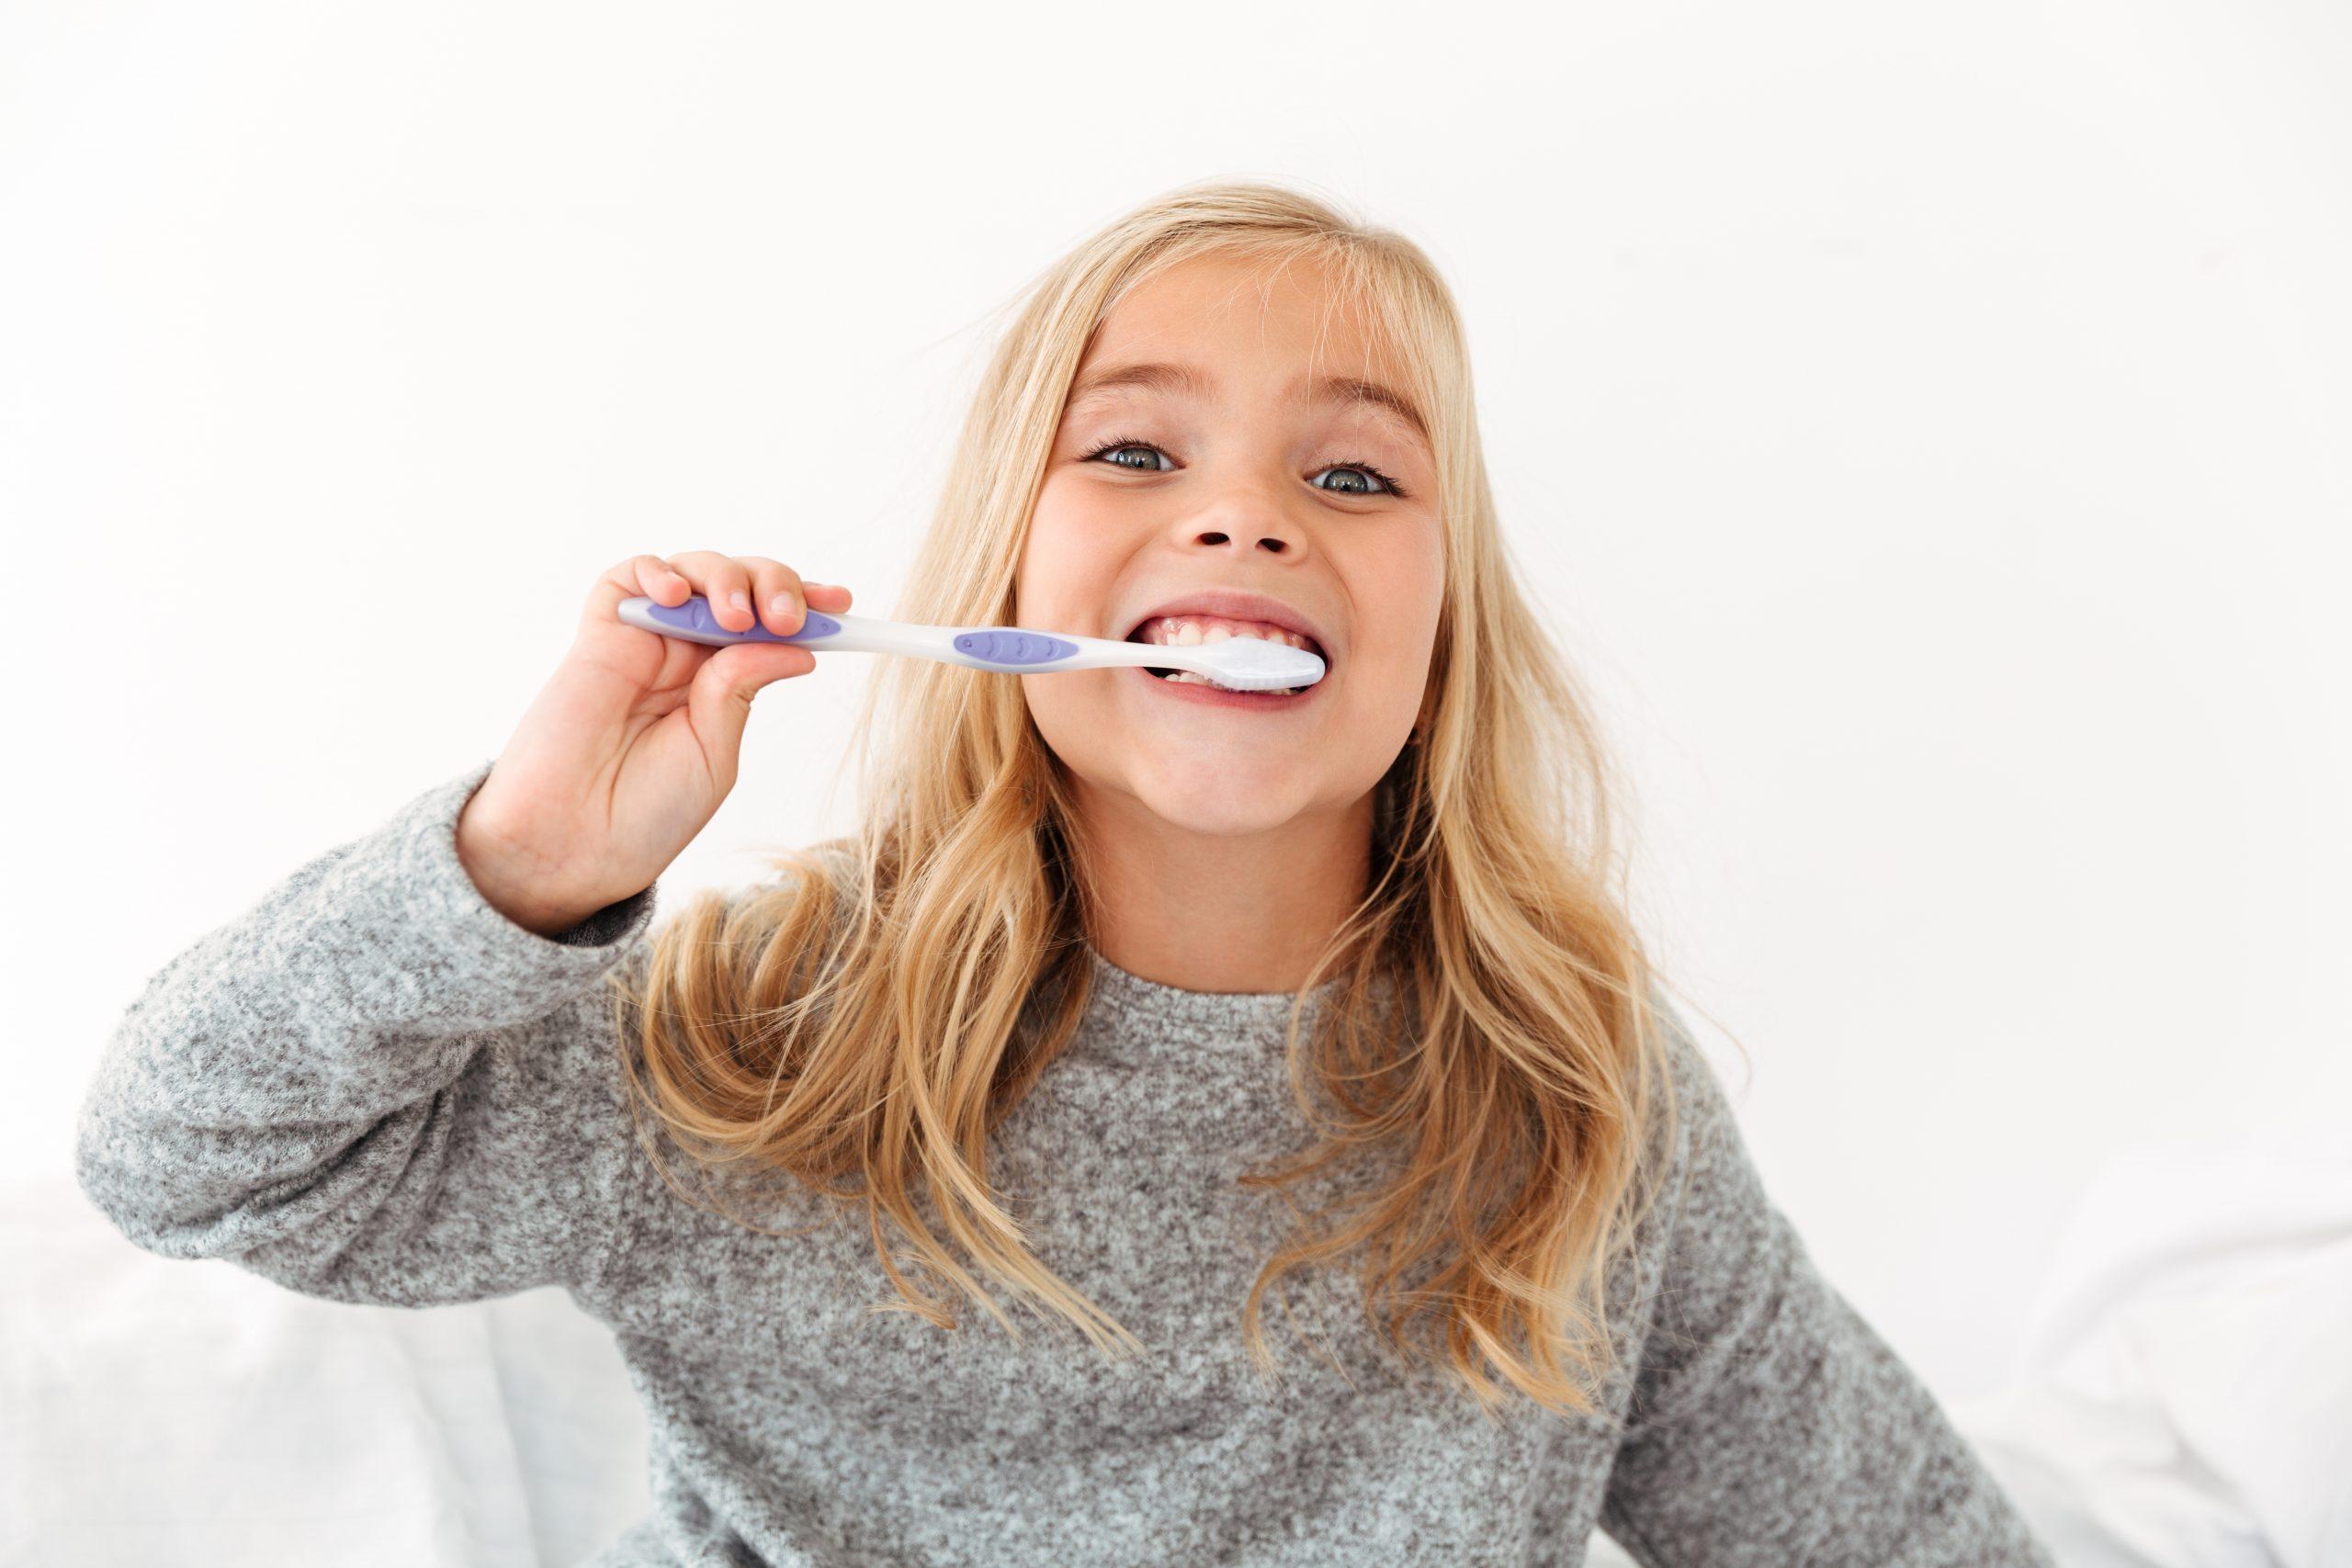 Πως βουρτσίζουμε σωστά τα δόντια μας σε 3 λεπτά!